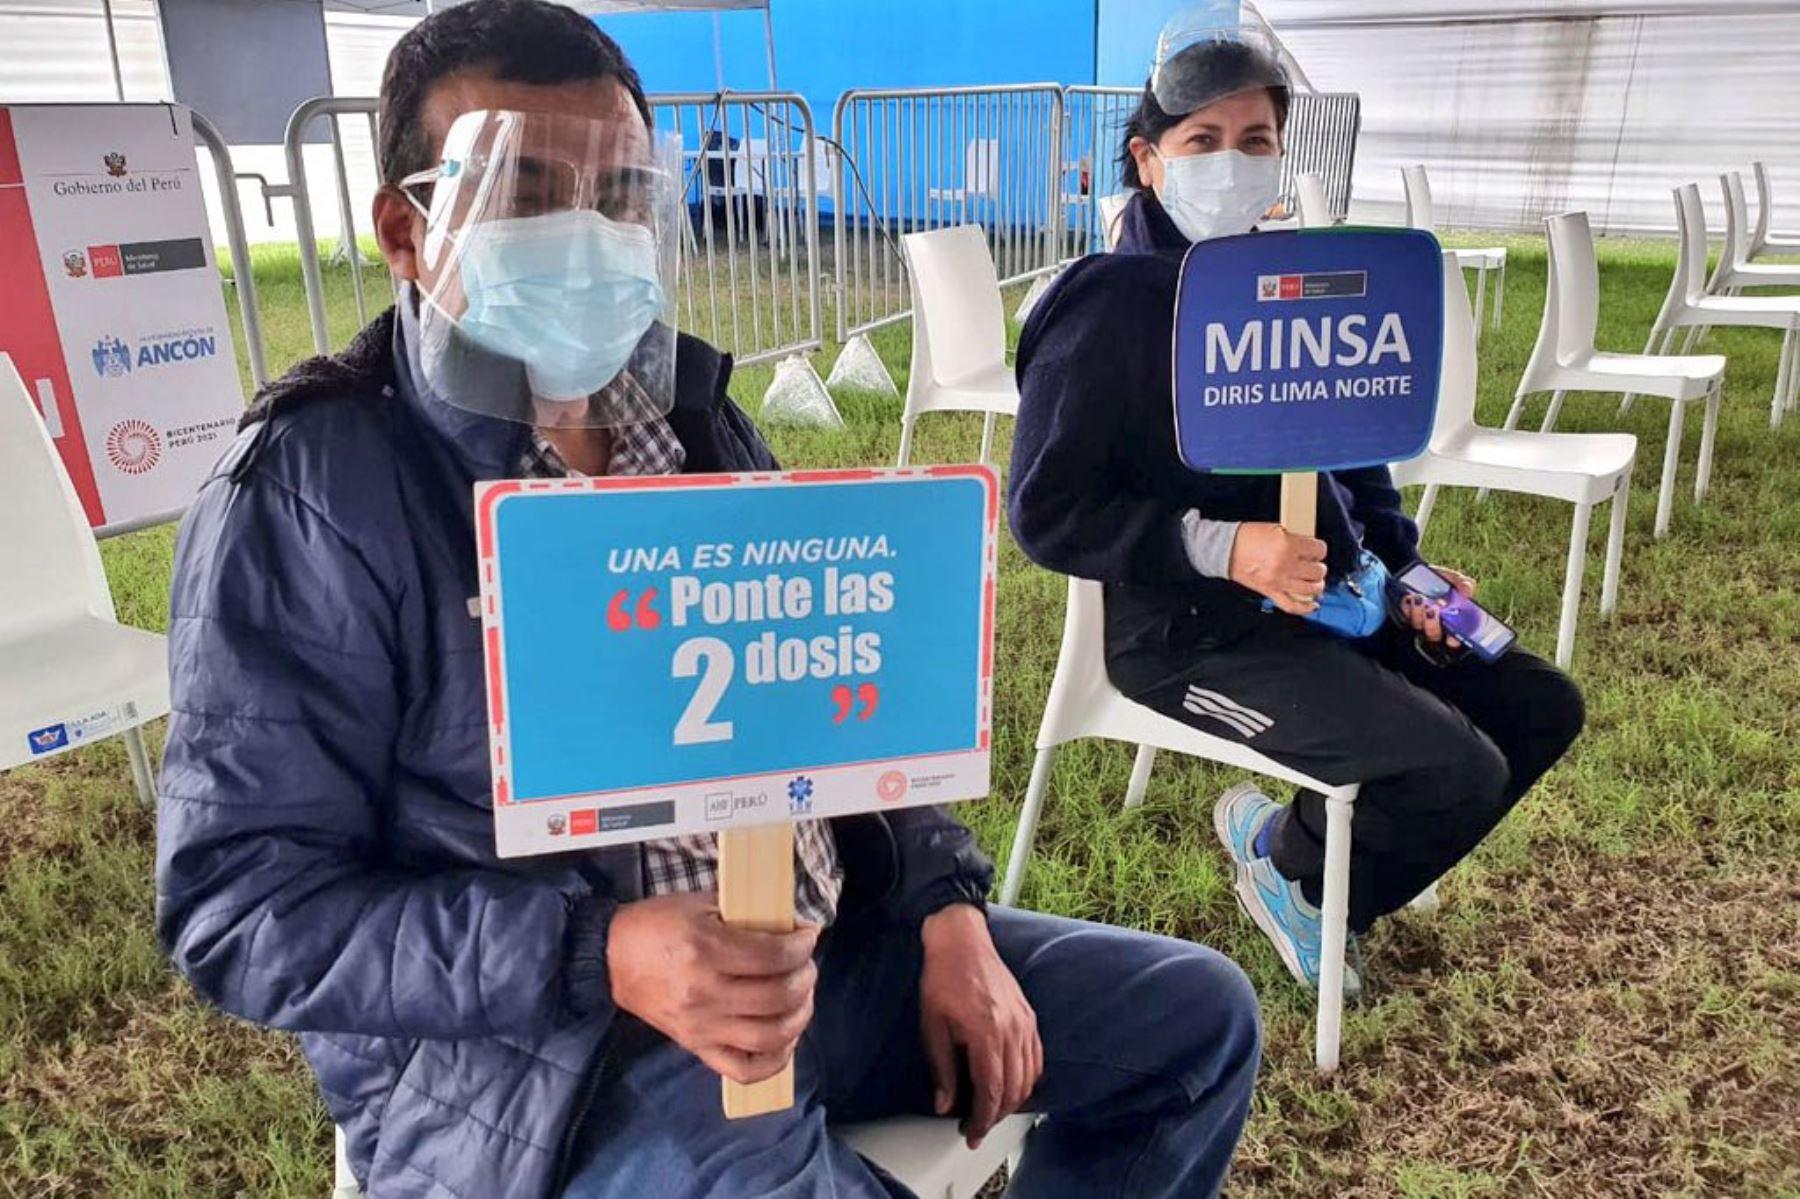 Ministerio de Salud continúa la vacunación contra la covid-19 en el Estadio José Balta de Ancón.  Foto:Minsa